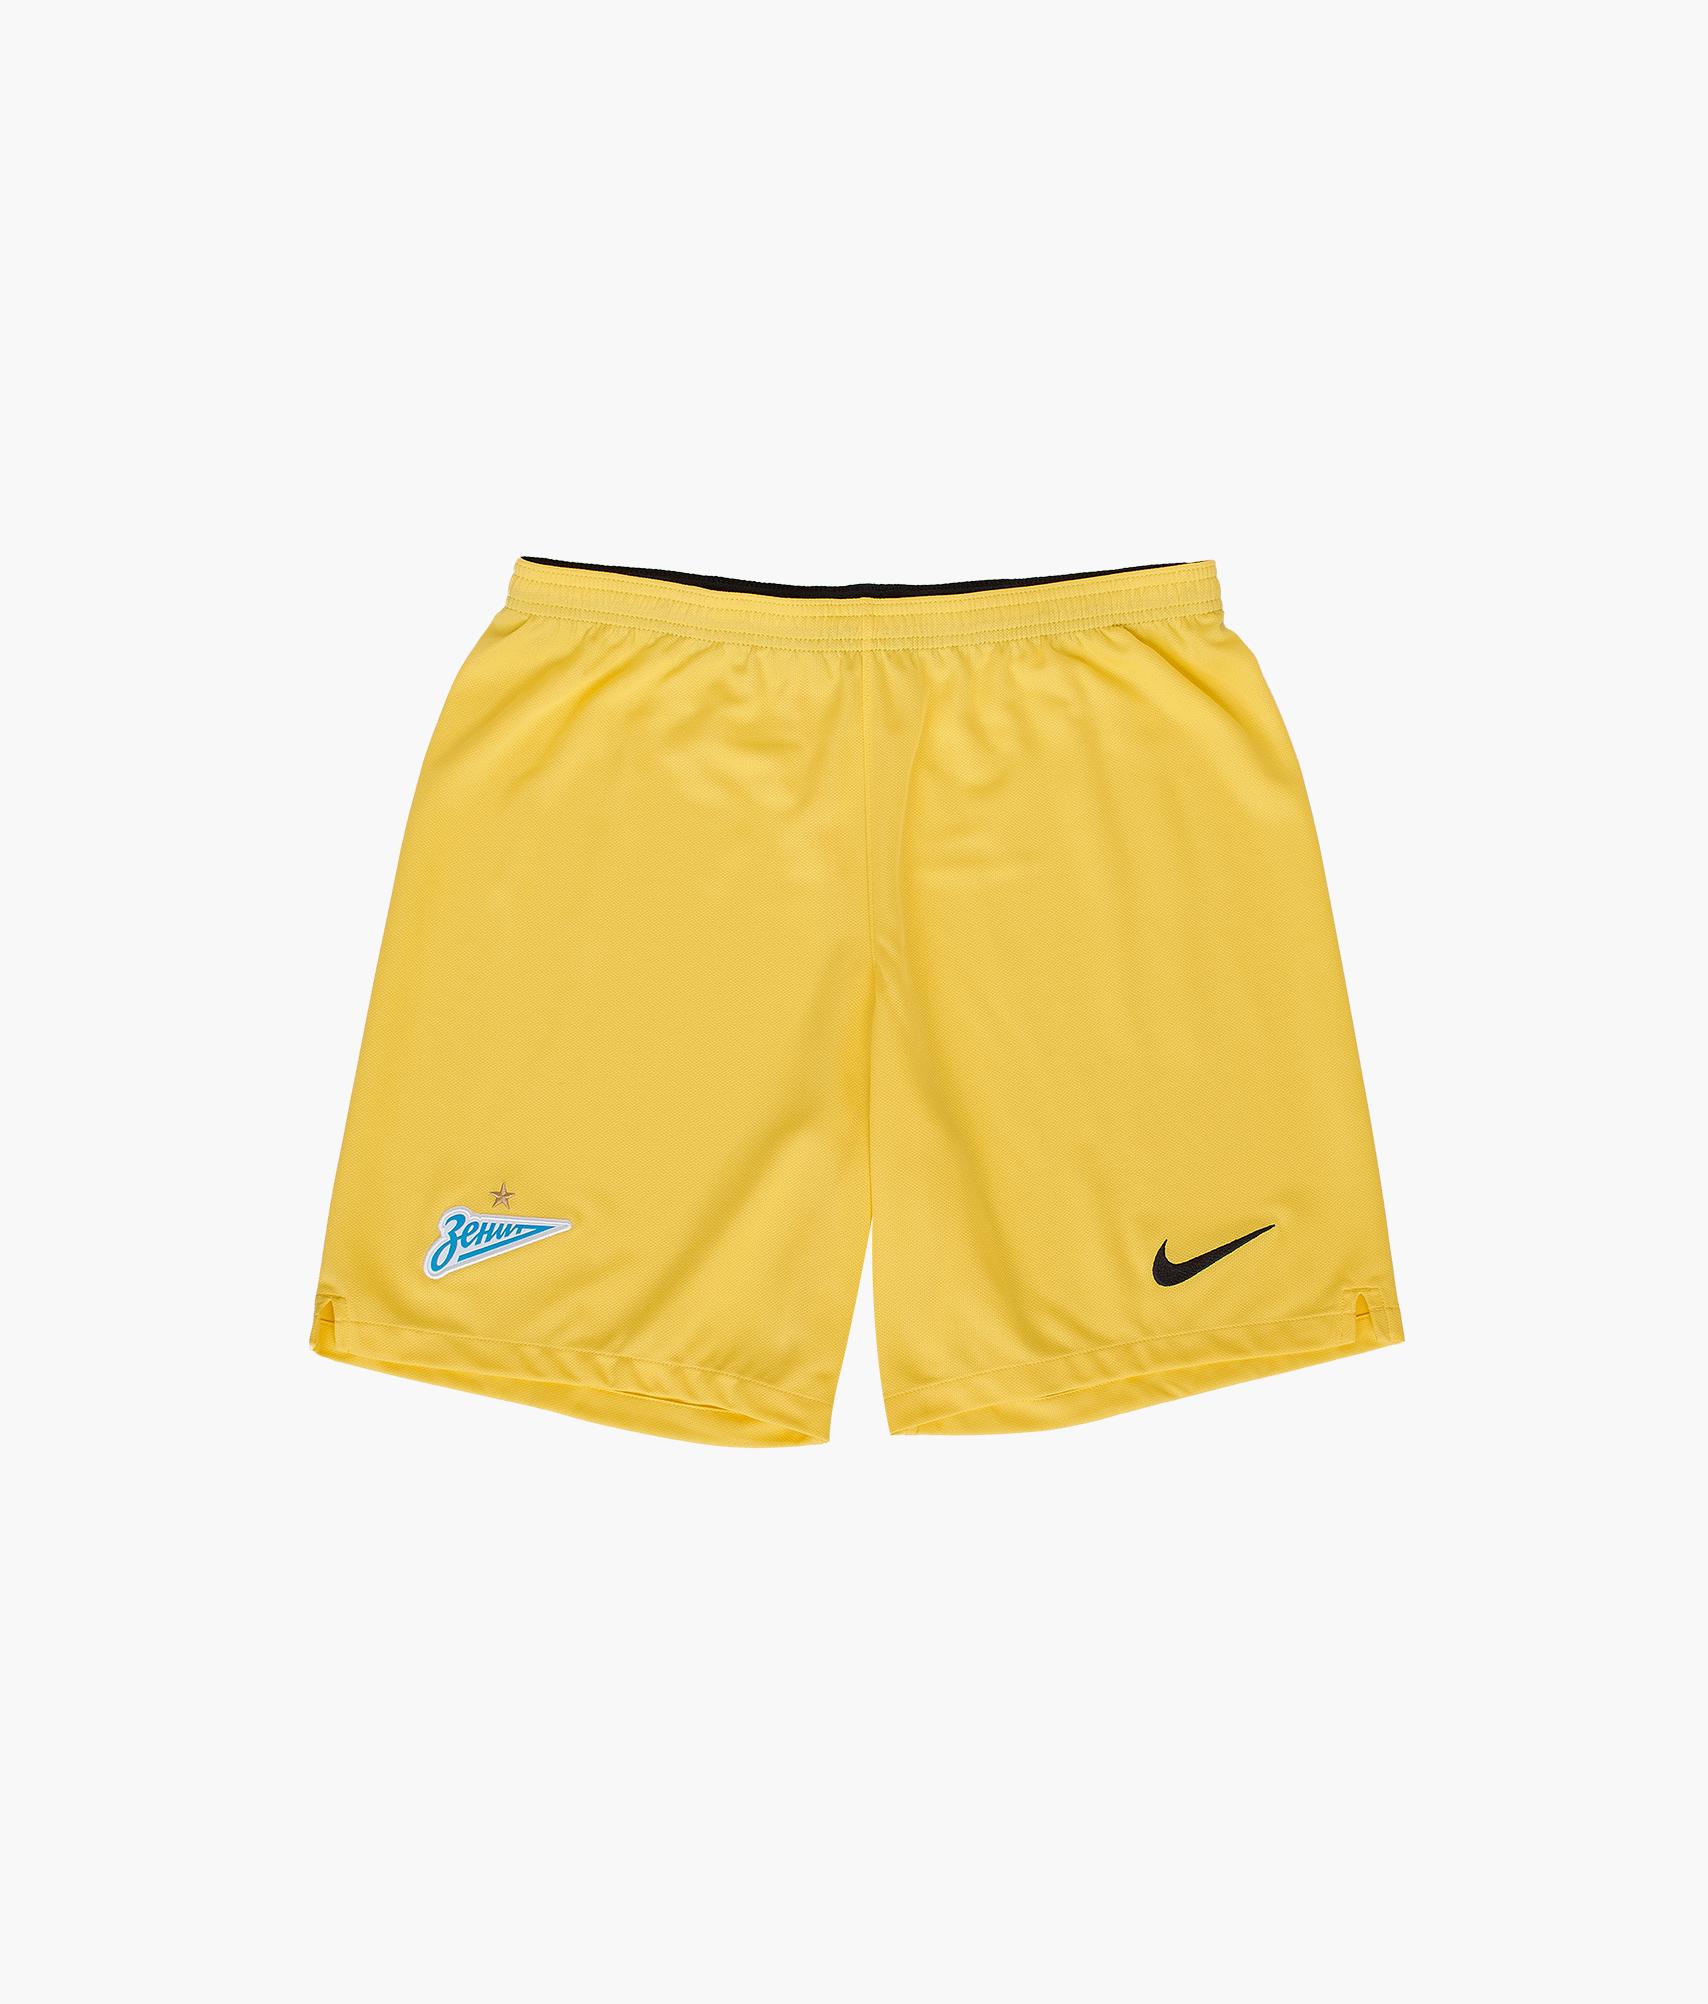 Шорты вратарские сезона 2018/2019 Nike Цвет-Желтый цена